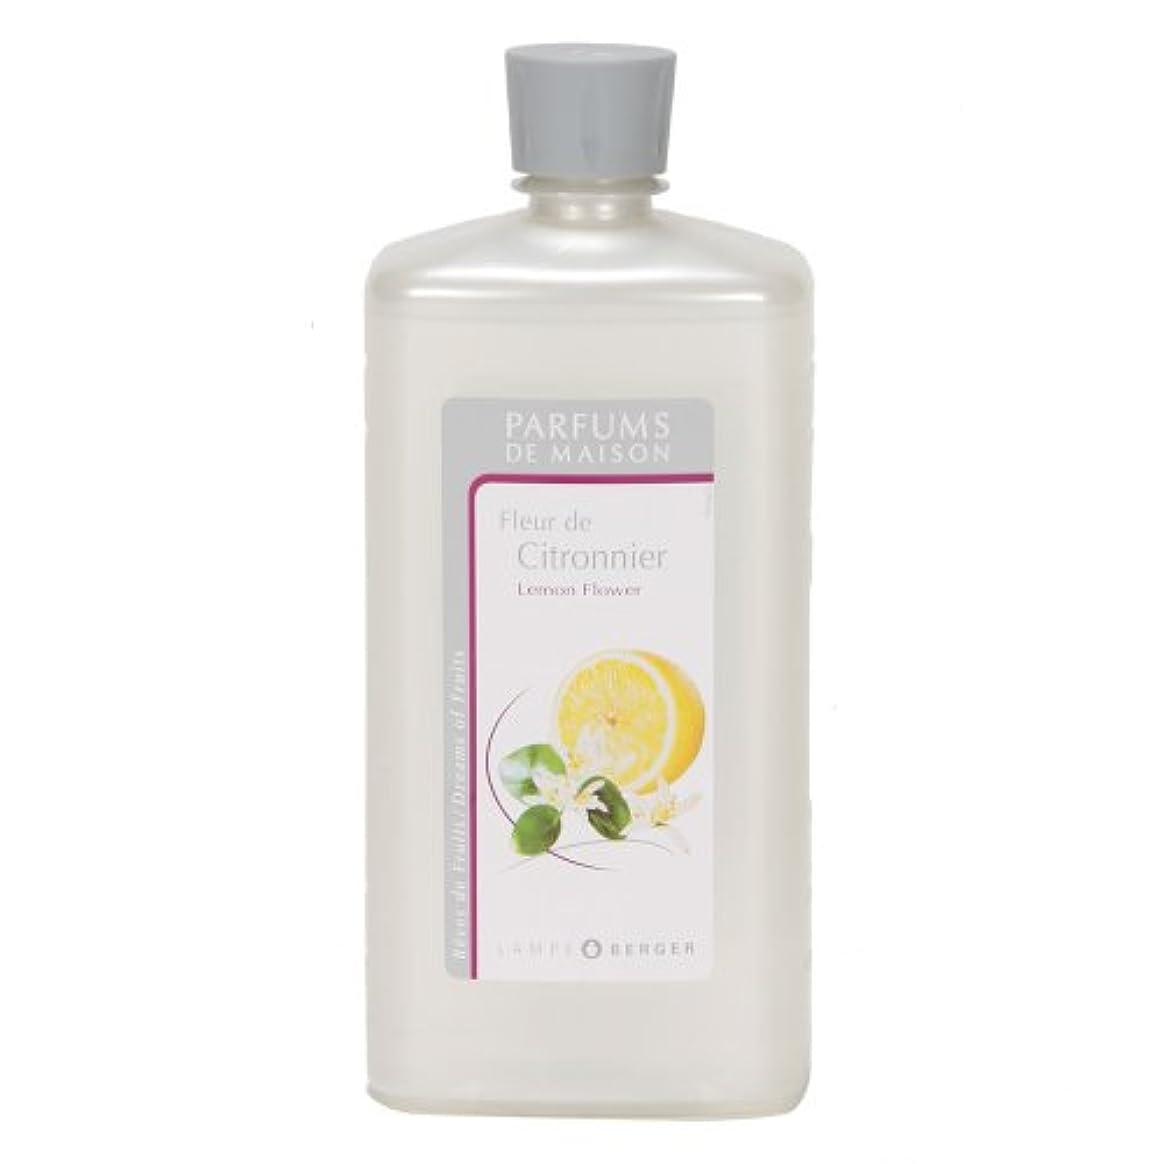 万歳雄弁家アッティカスLAMPE BERGER ランプベルジェ オイル フランス版 レモンフラワー 1000ml アロマオイル 並行輸入品